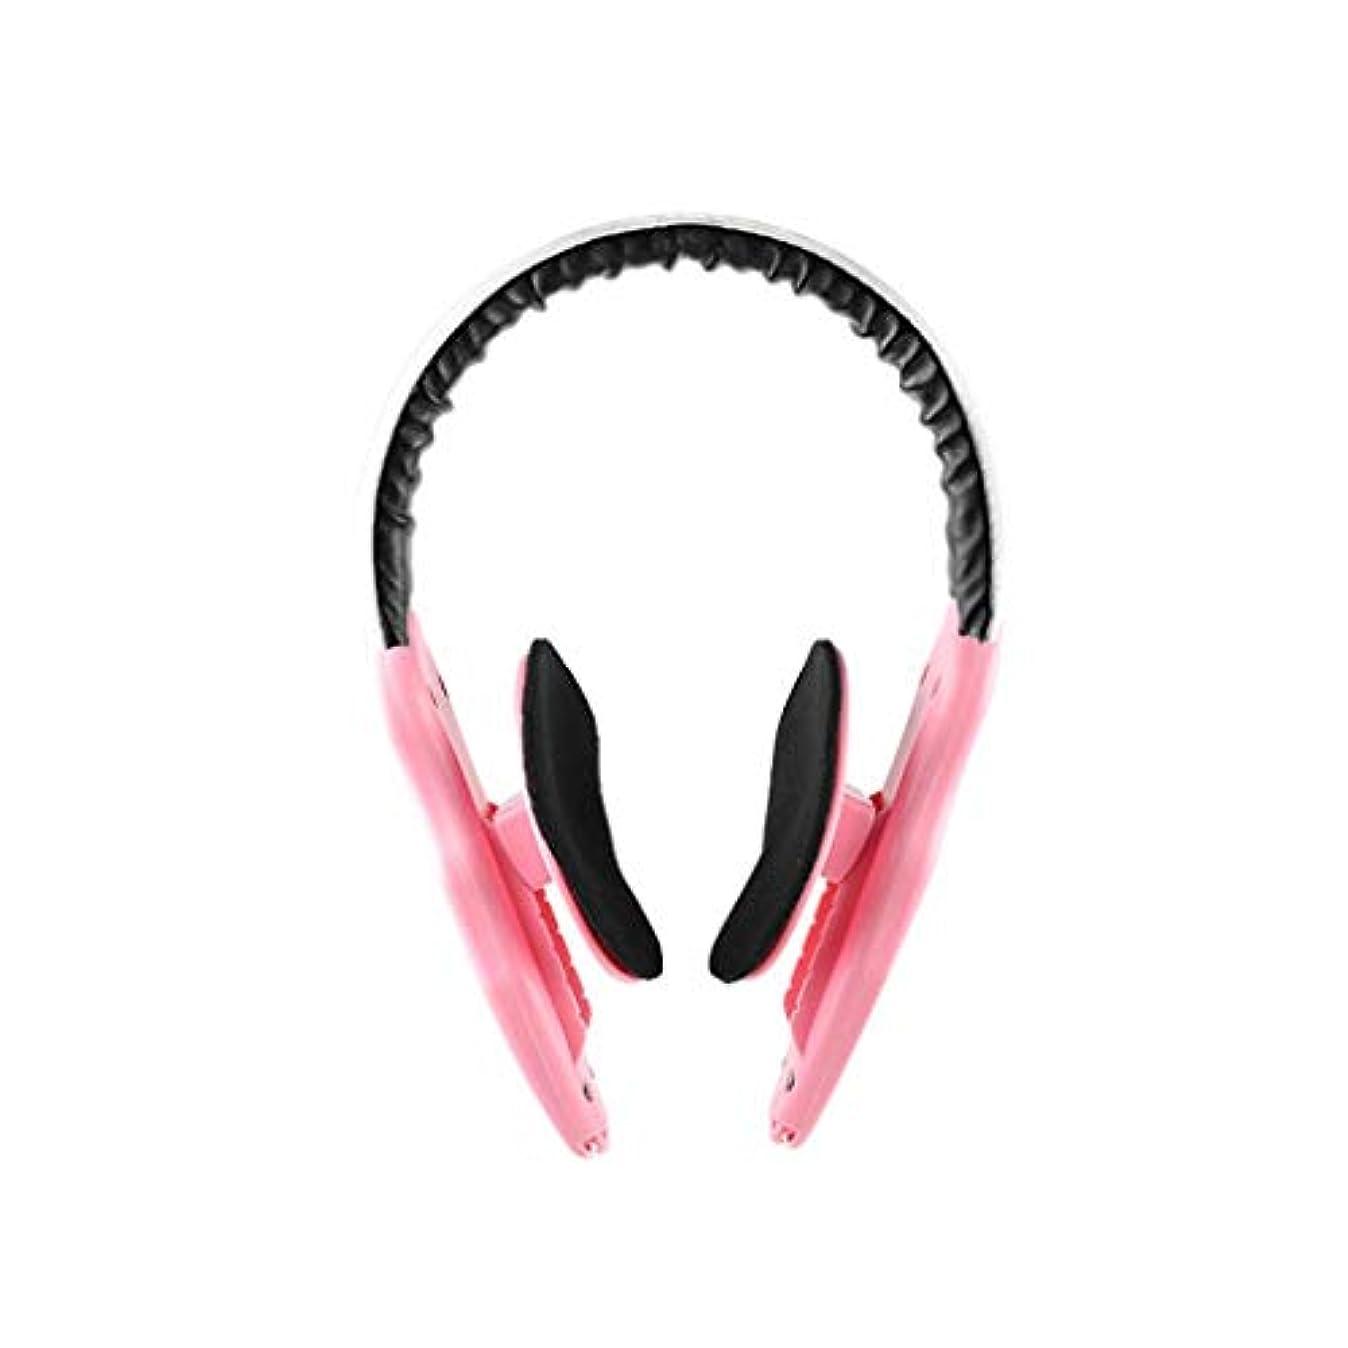 羊形状表現LJK フェイスリフトマスク、フェイスブレース、非対称フェイスマッセターマッスル、フェイシャルラインの強化、フェイシャルファットの改善、男性に最適 (Color : Pink)